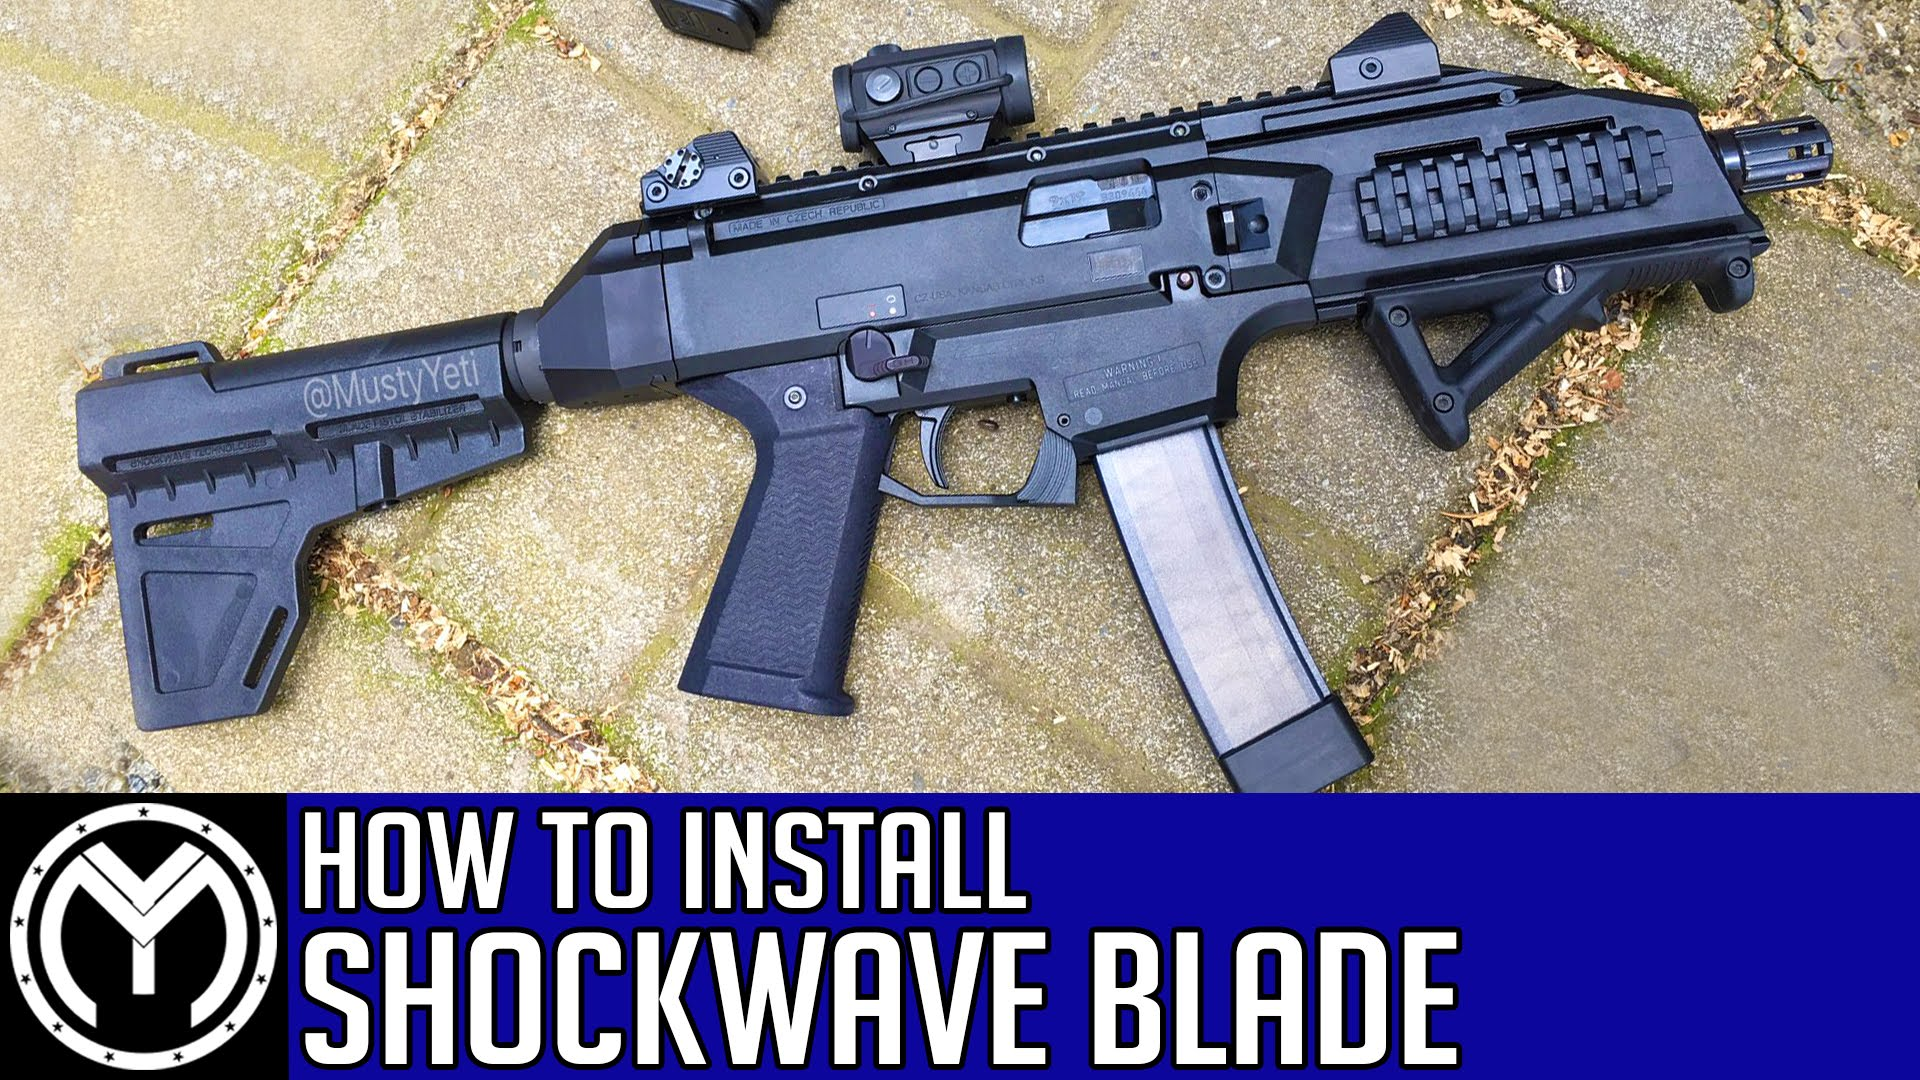 CZ Scorpion EVO 3 | How to Install KAK Industries Shockwave Blade Arm Stabilizer